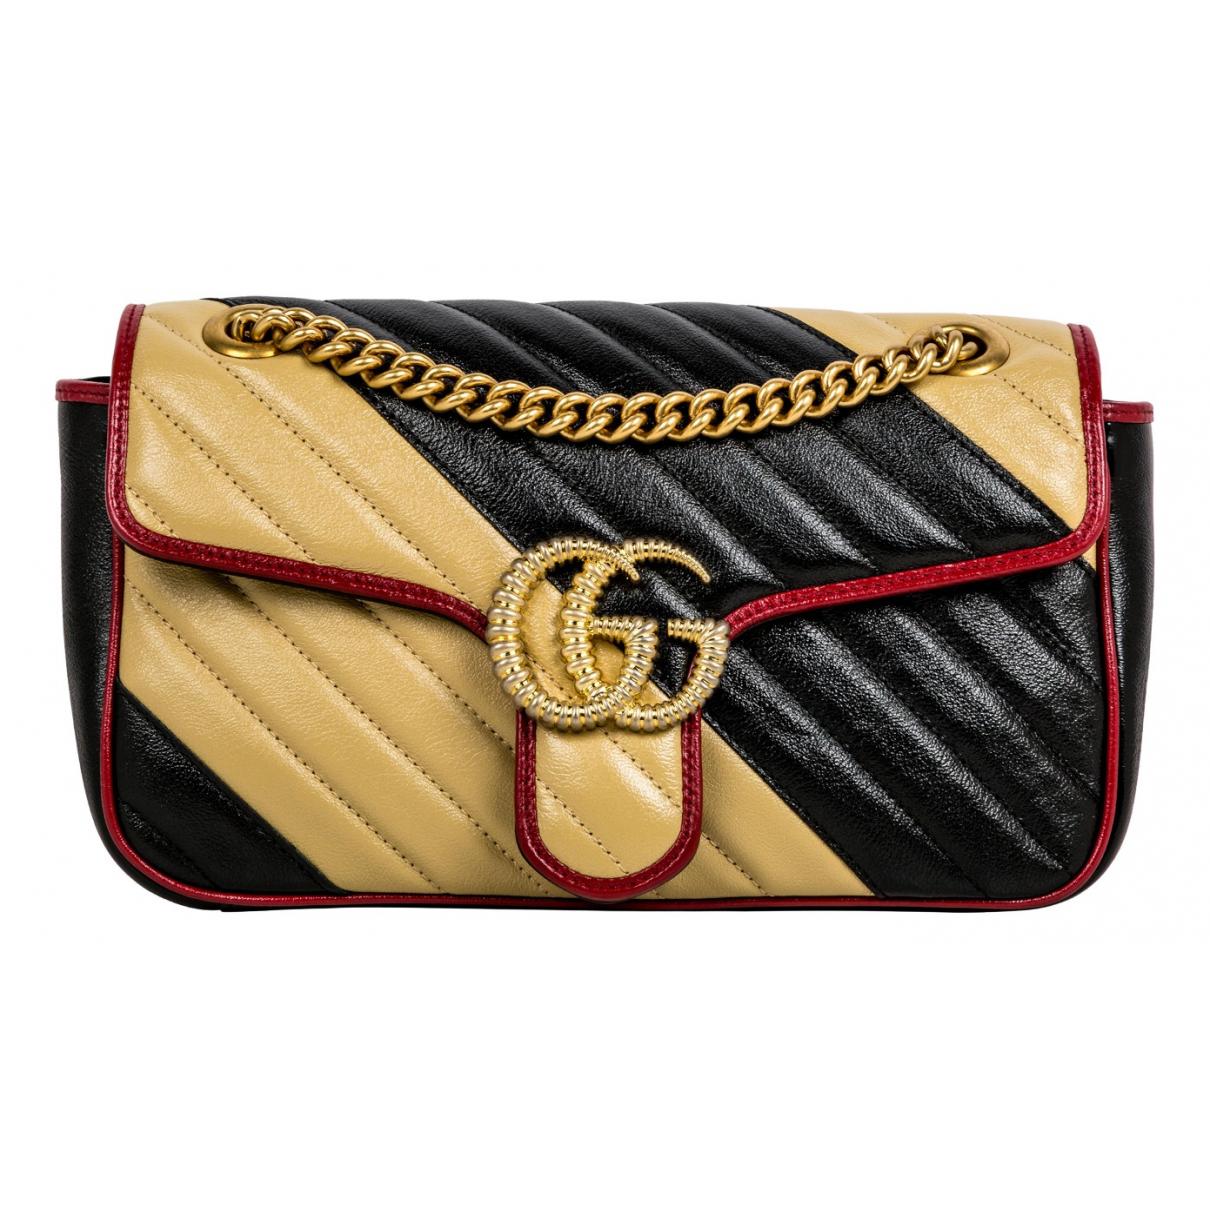 Gucci - Sac a main Marmont pour femme en cuir - multicolore